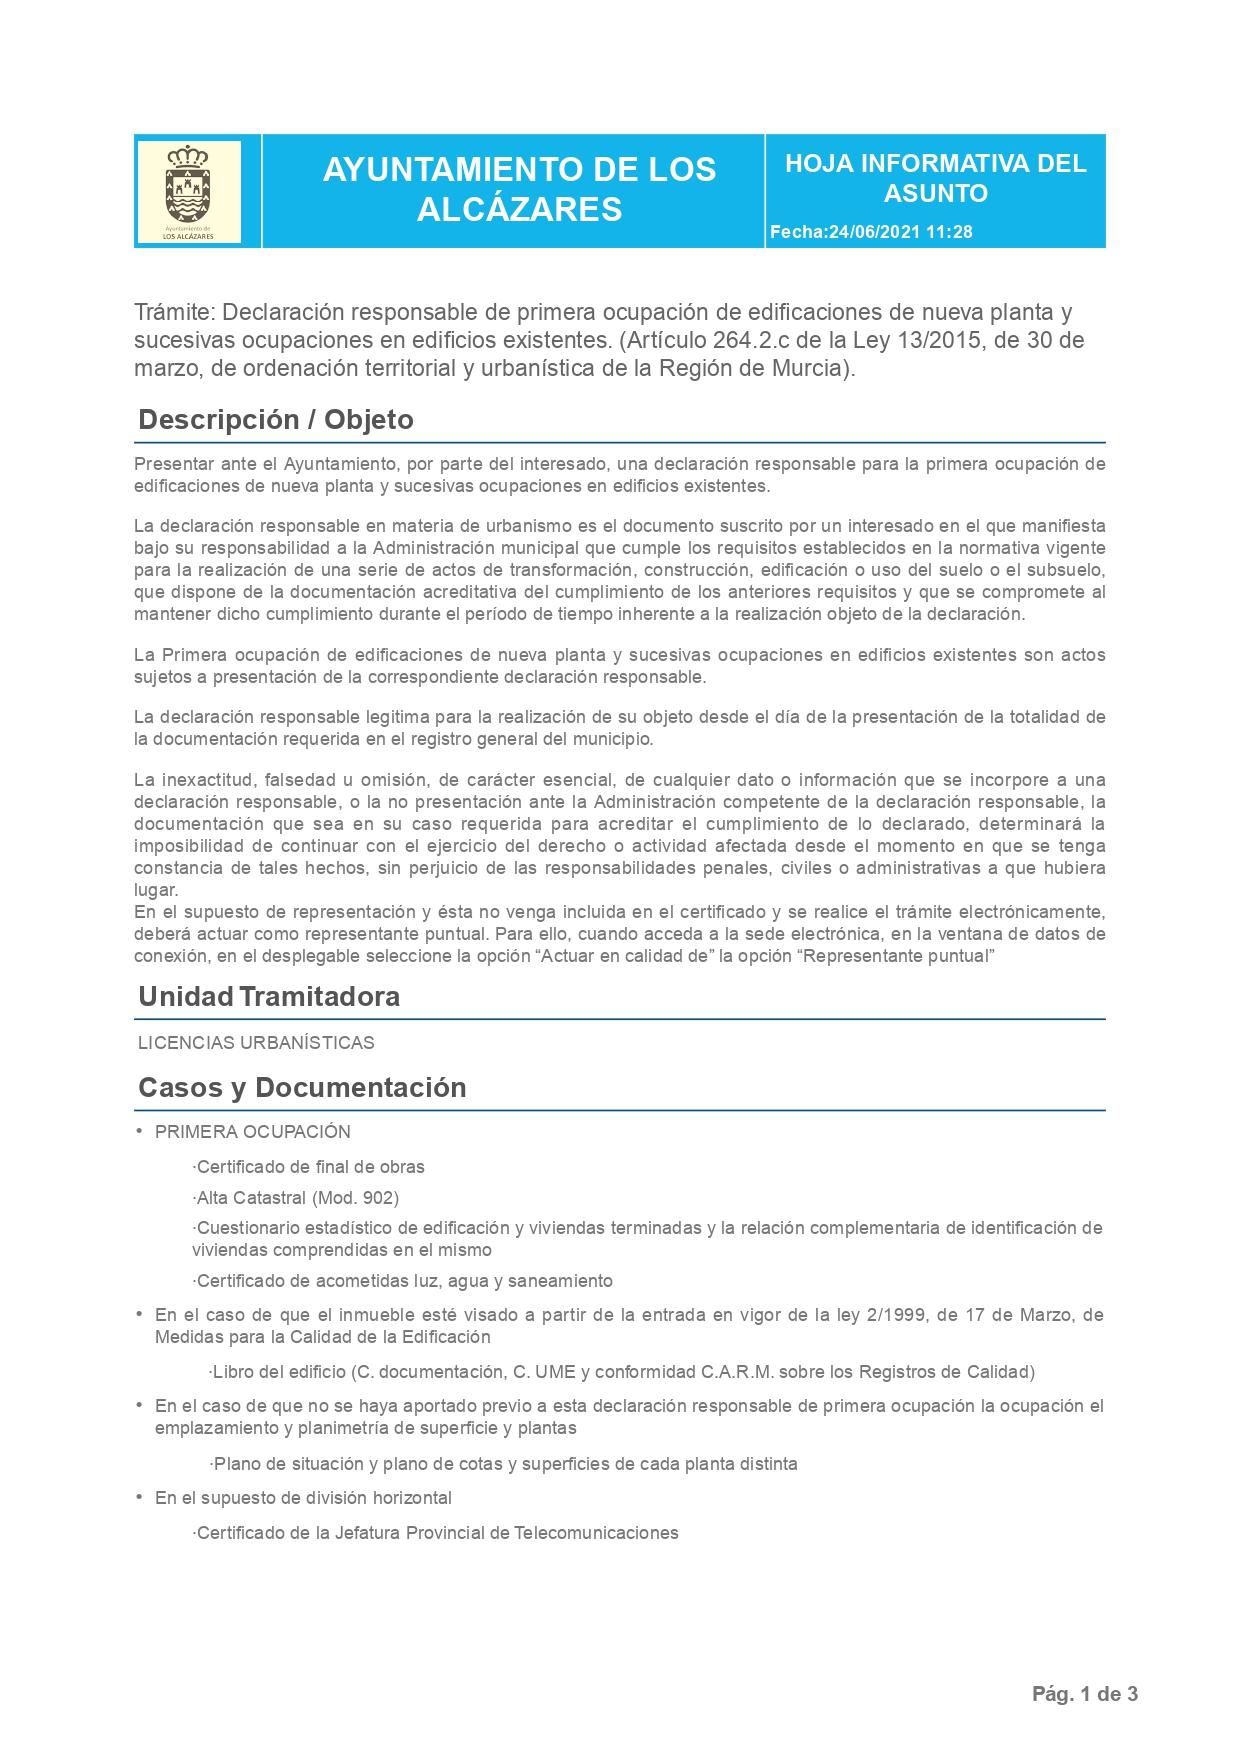 Declaración Responsable de Segunda Ocupación o Cédula de Habitabilidad en Los Alcázares